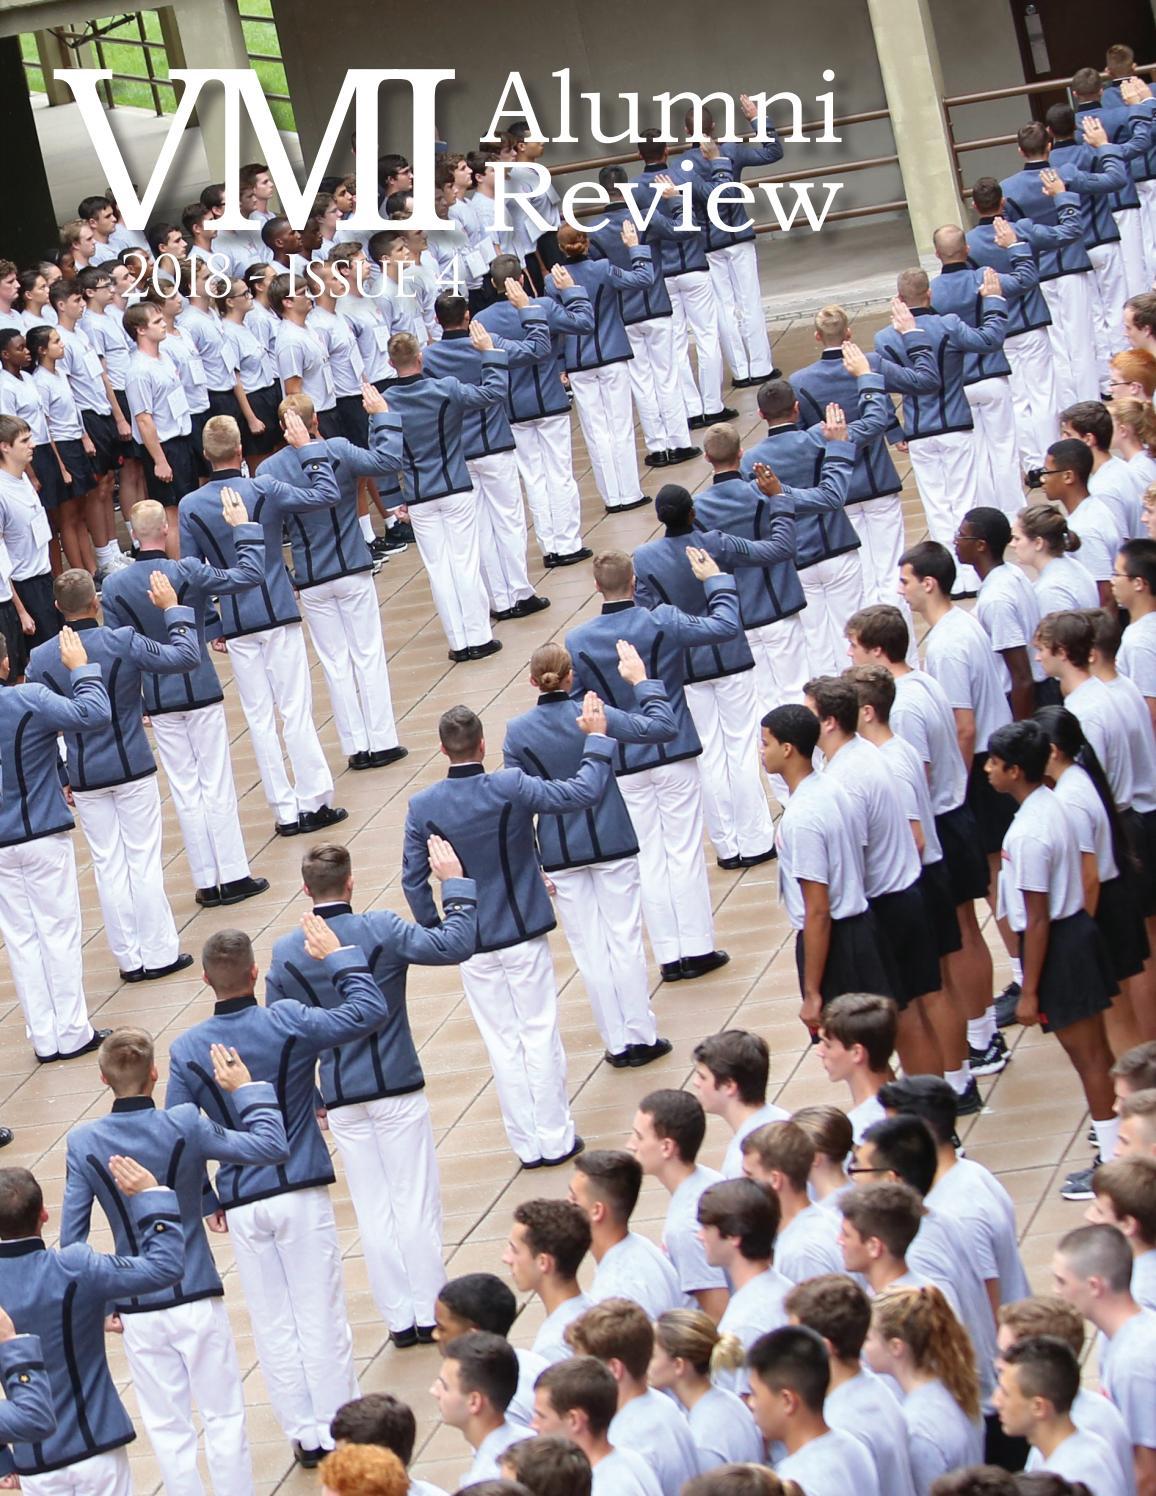 Vmi Calendar 2022.2018 Issue 4 Alumni Review By Vmi Alumni Agencies Issuu